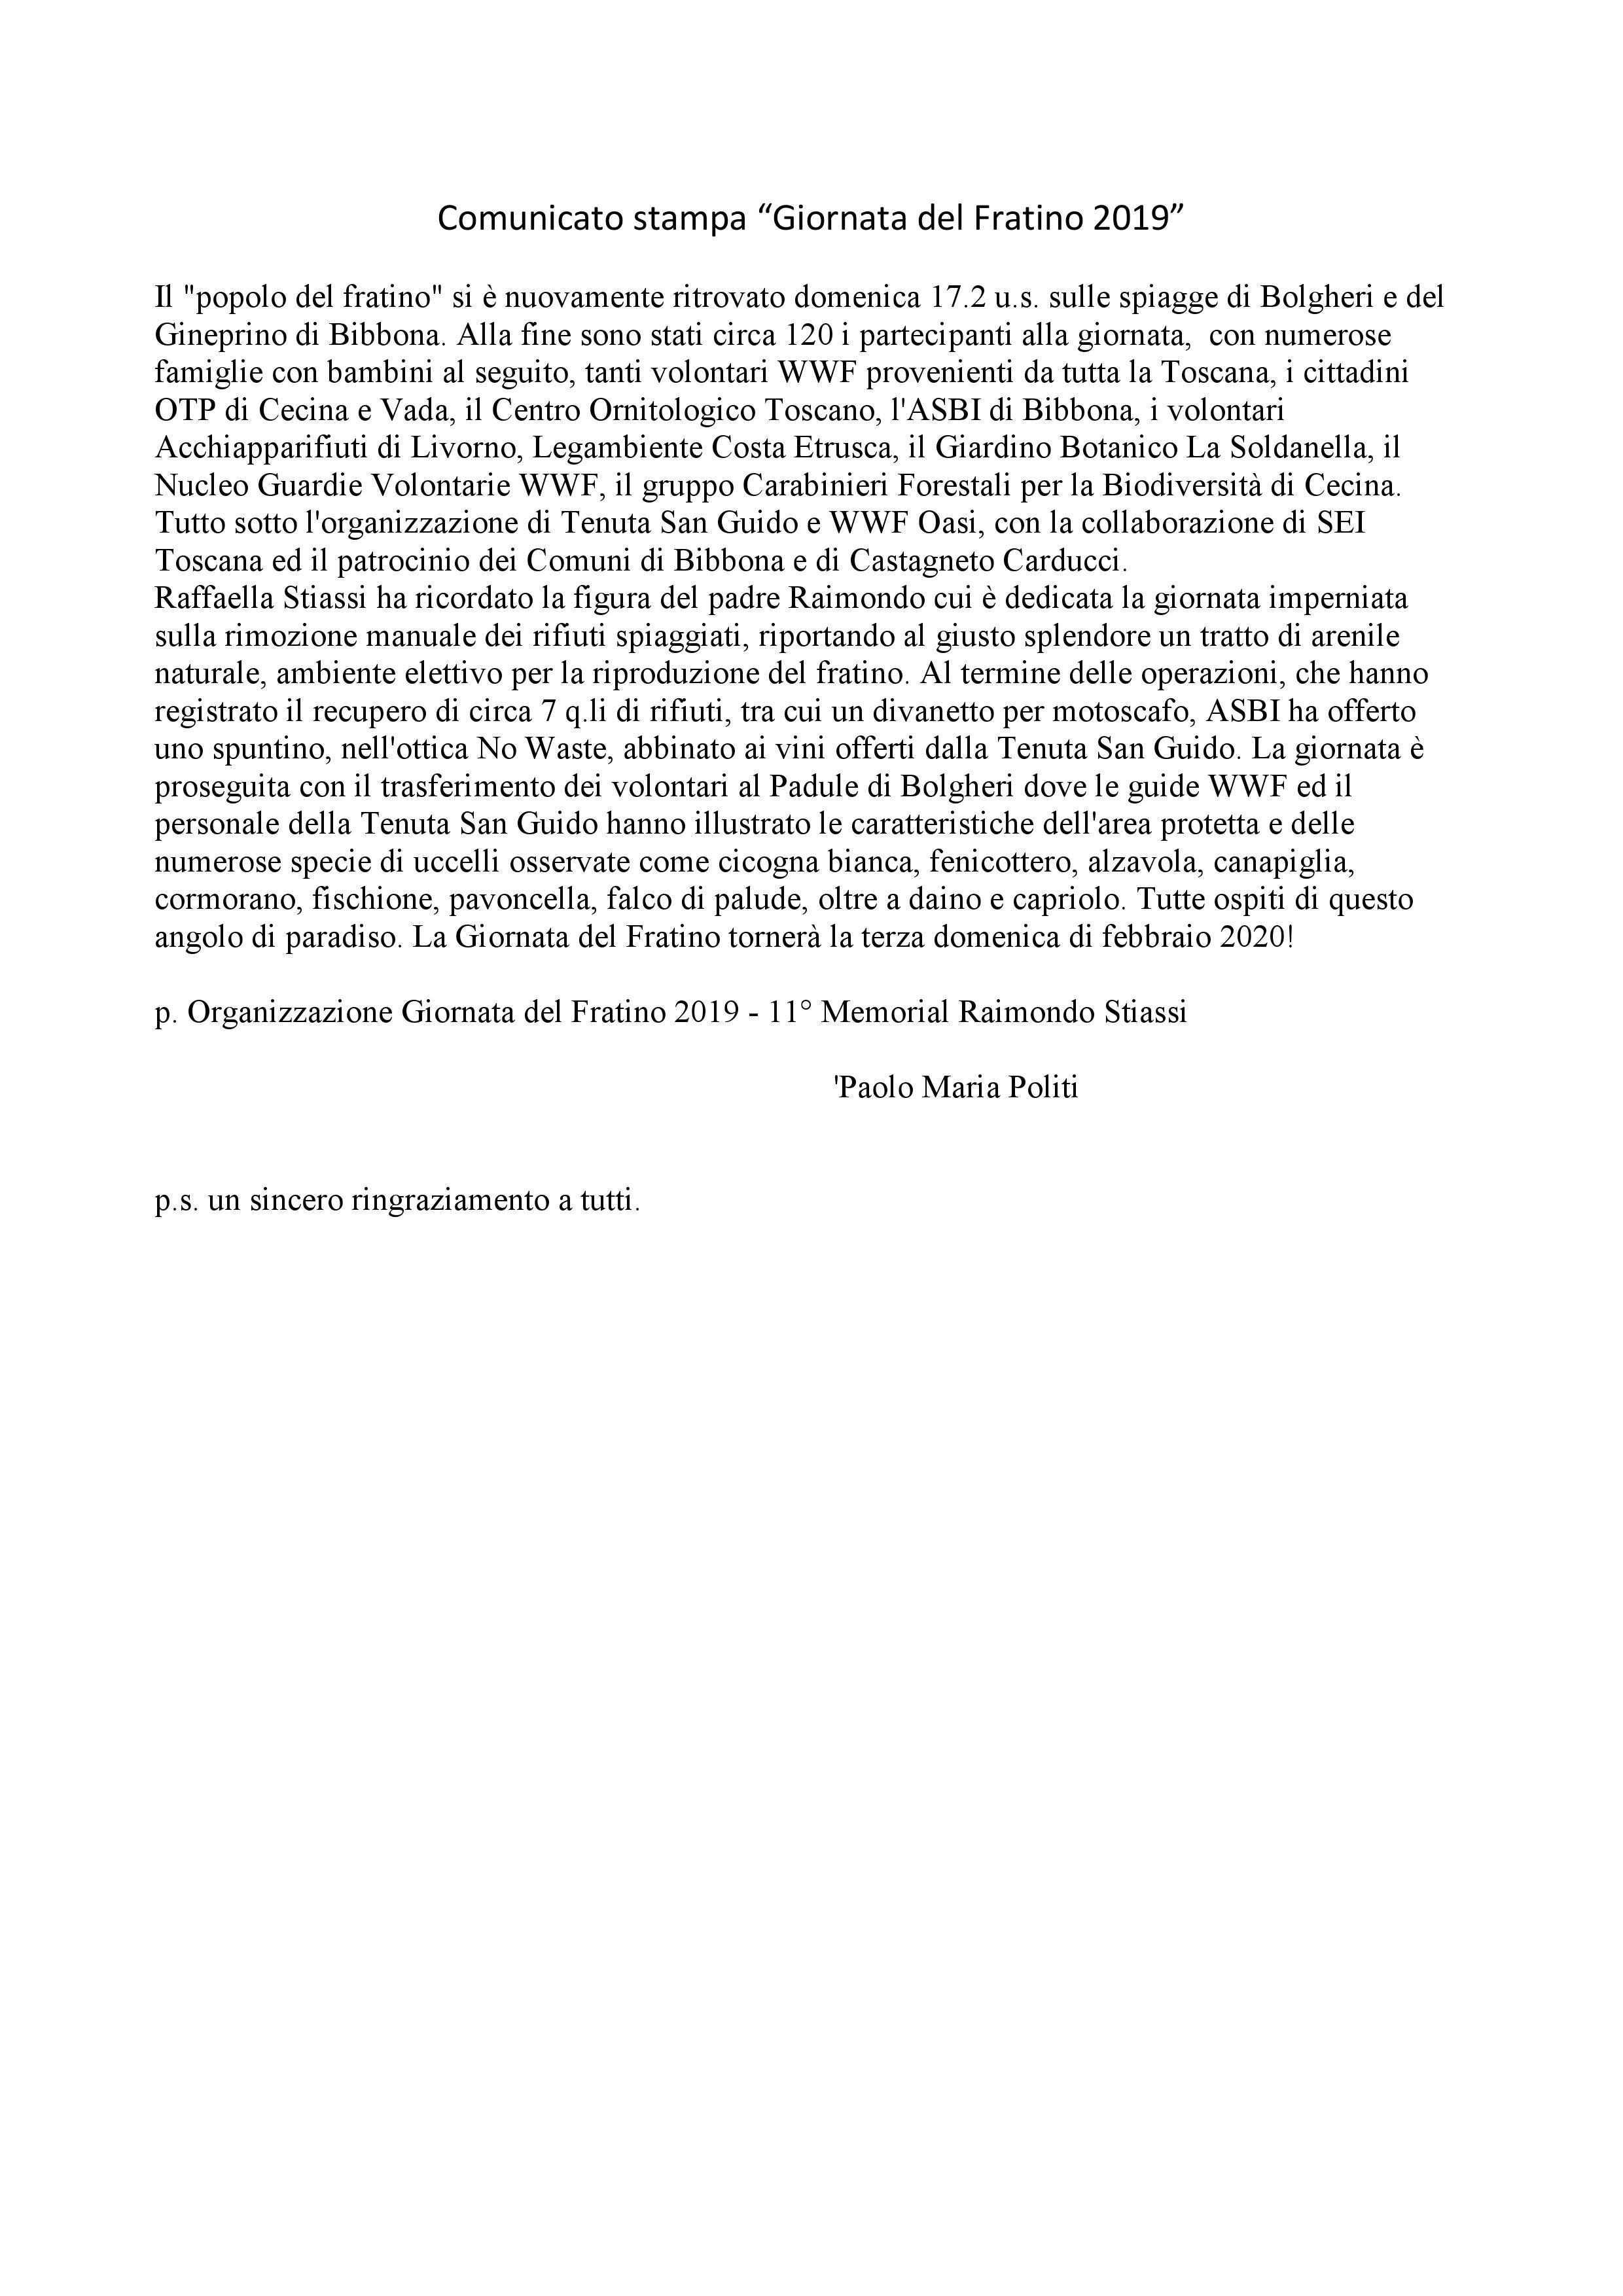 Comunicato stampa Paolo Politi Fratino 2019